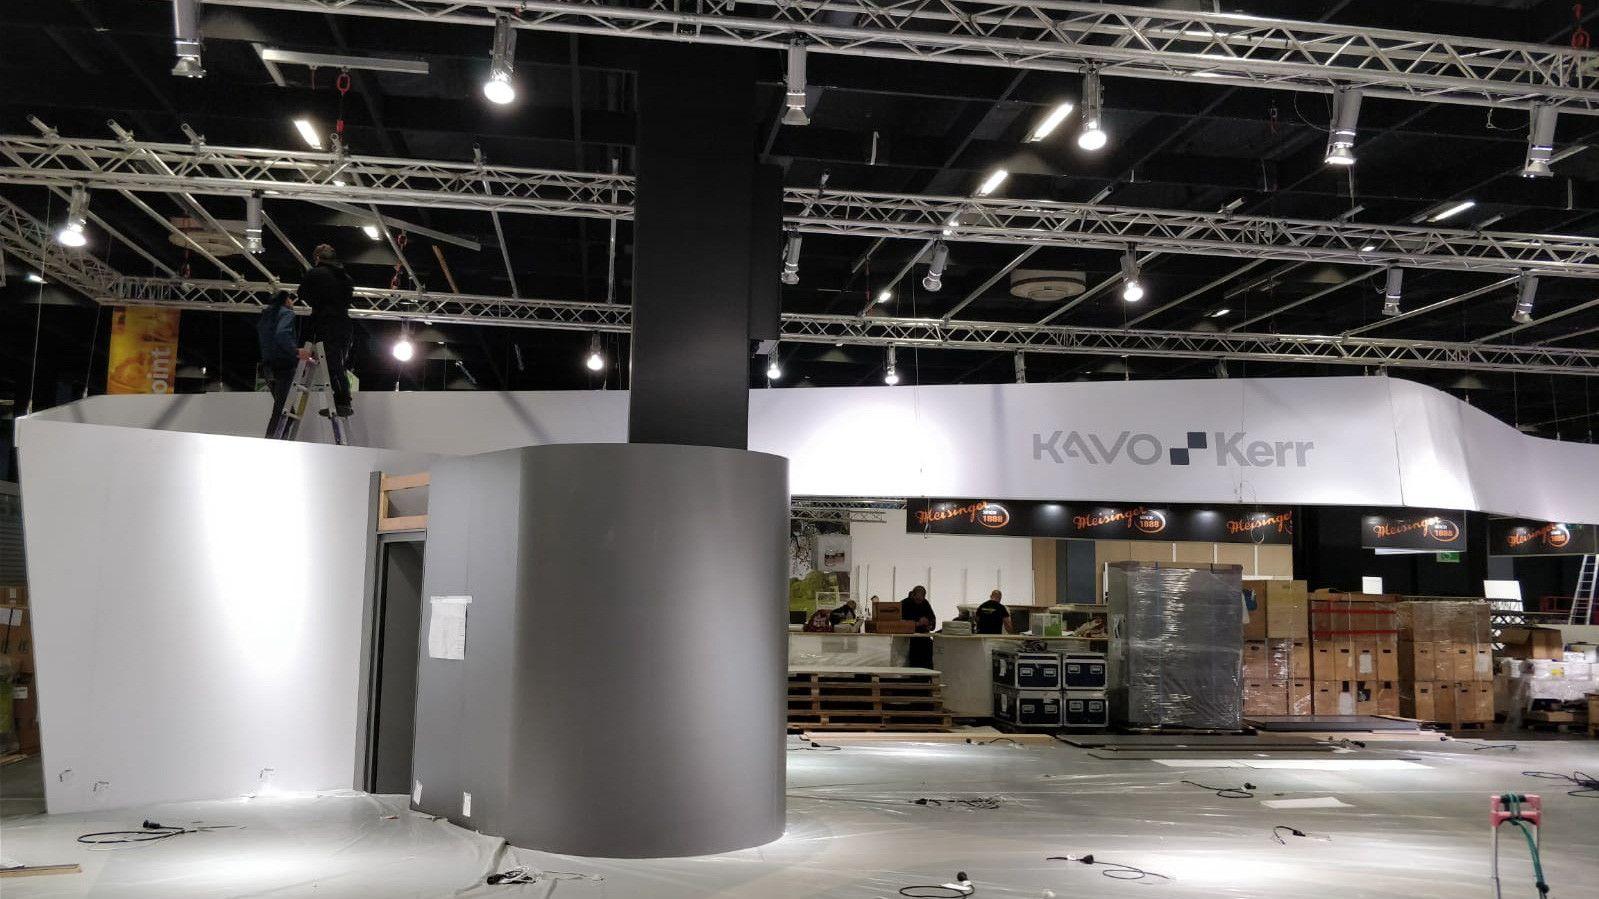 KaVo Kerr IDS 2019